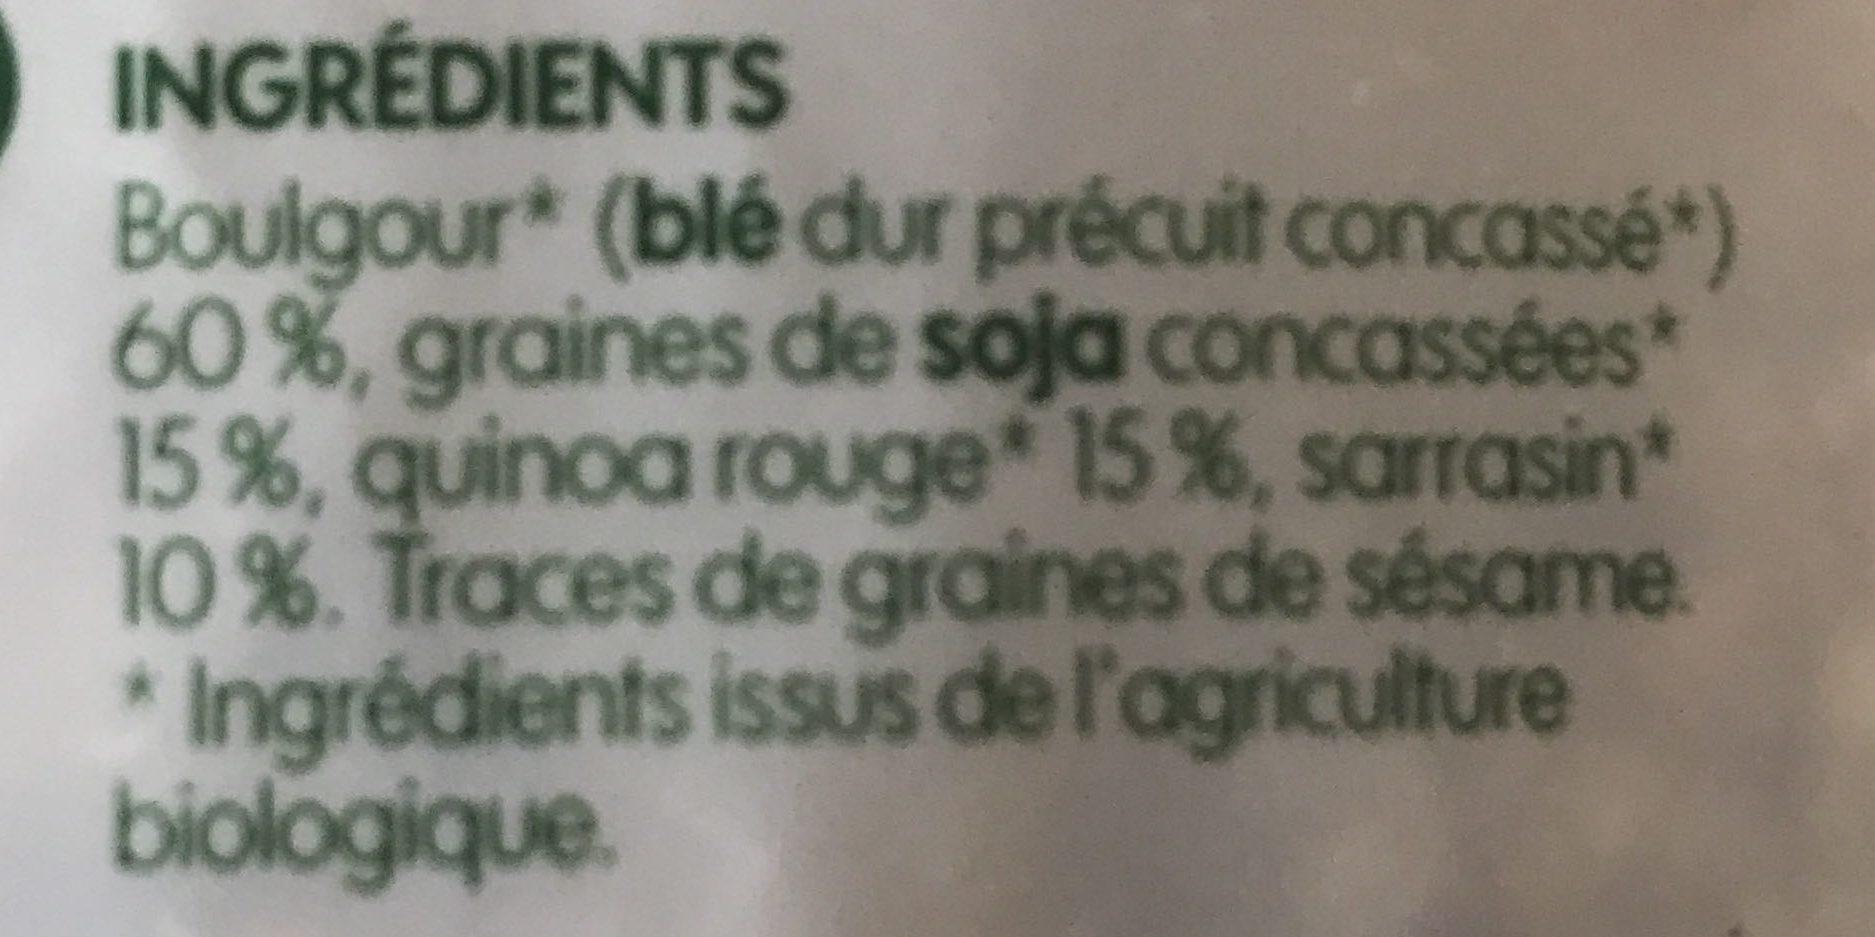 Mélange boulgour, soja, quinoa rouge et sarrasin bio - Ingredients